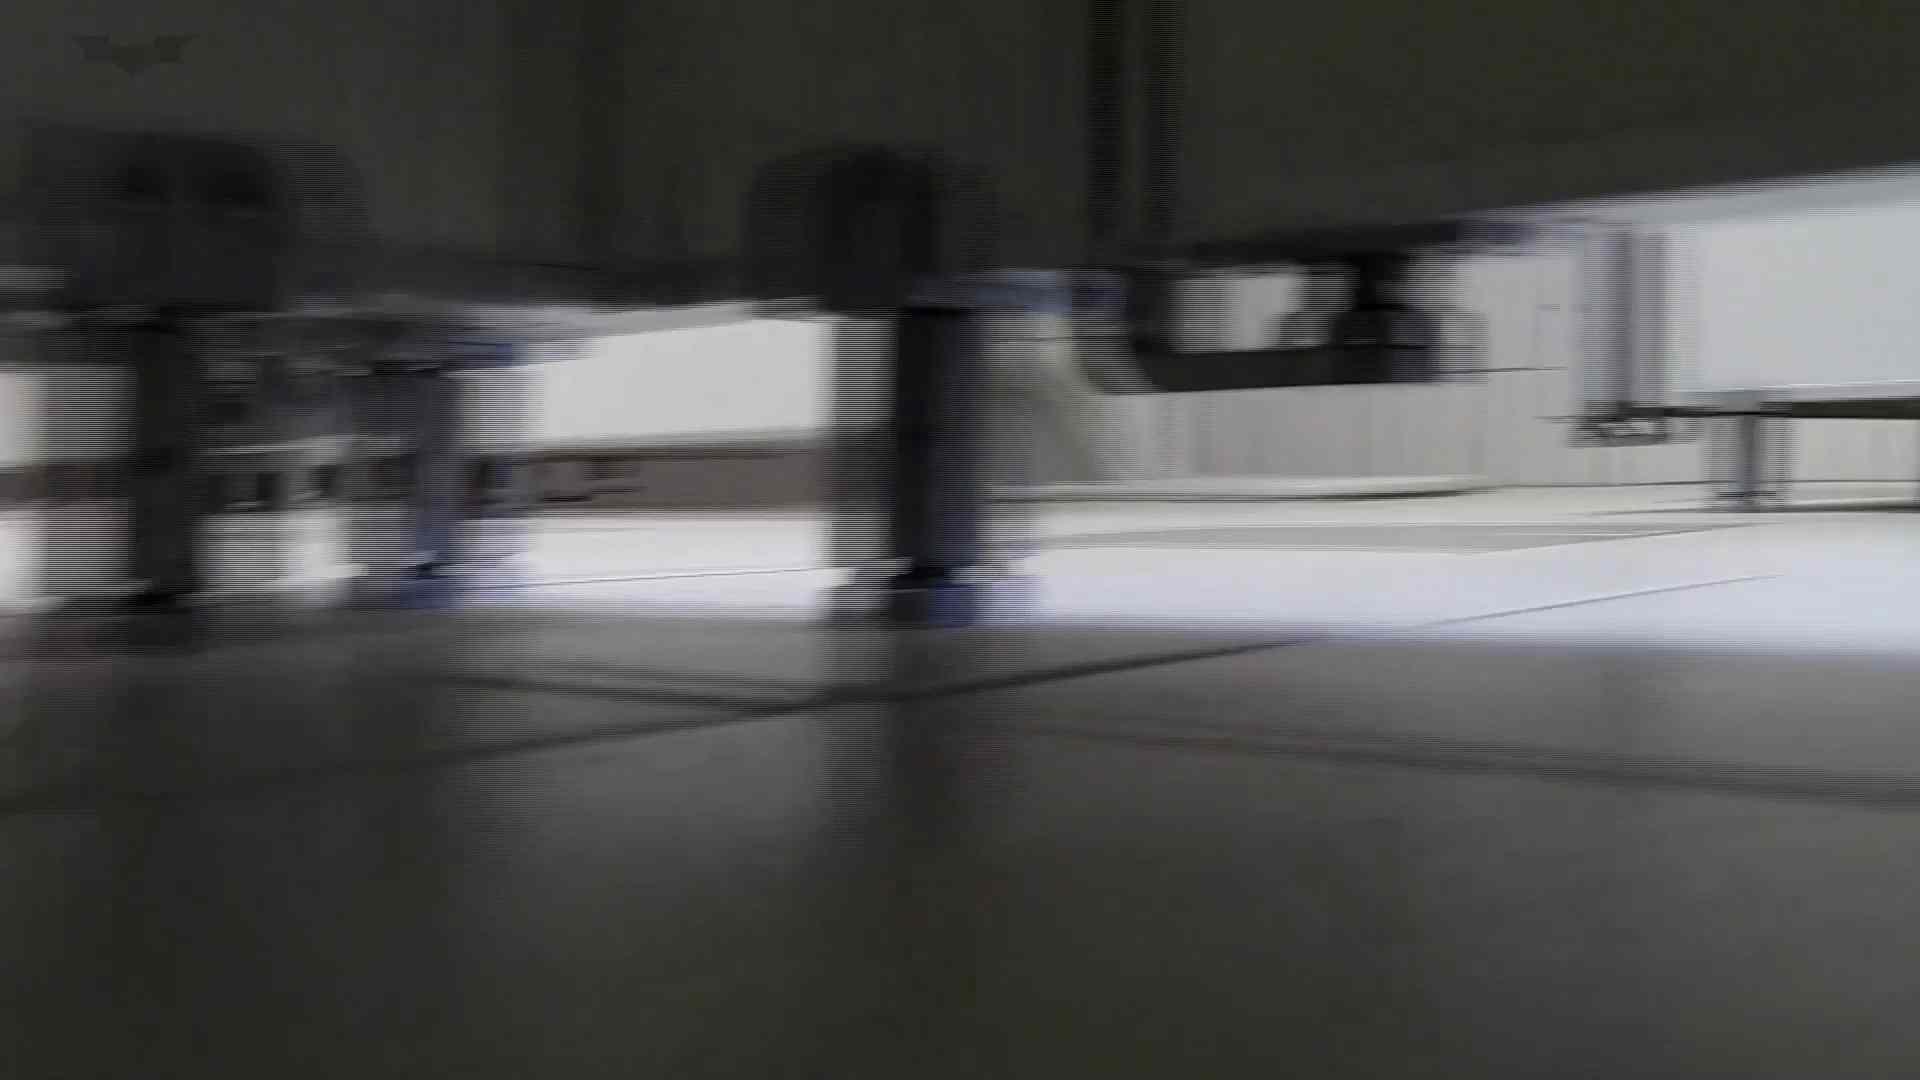 美しい日本の未来 No.29 豹柄サンダルは便秘気味??? 盗撮映像大放出  81連発 5